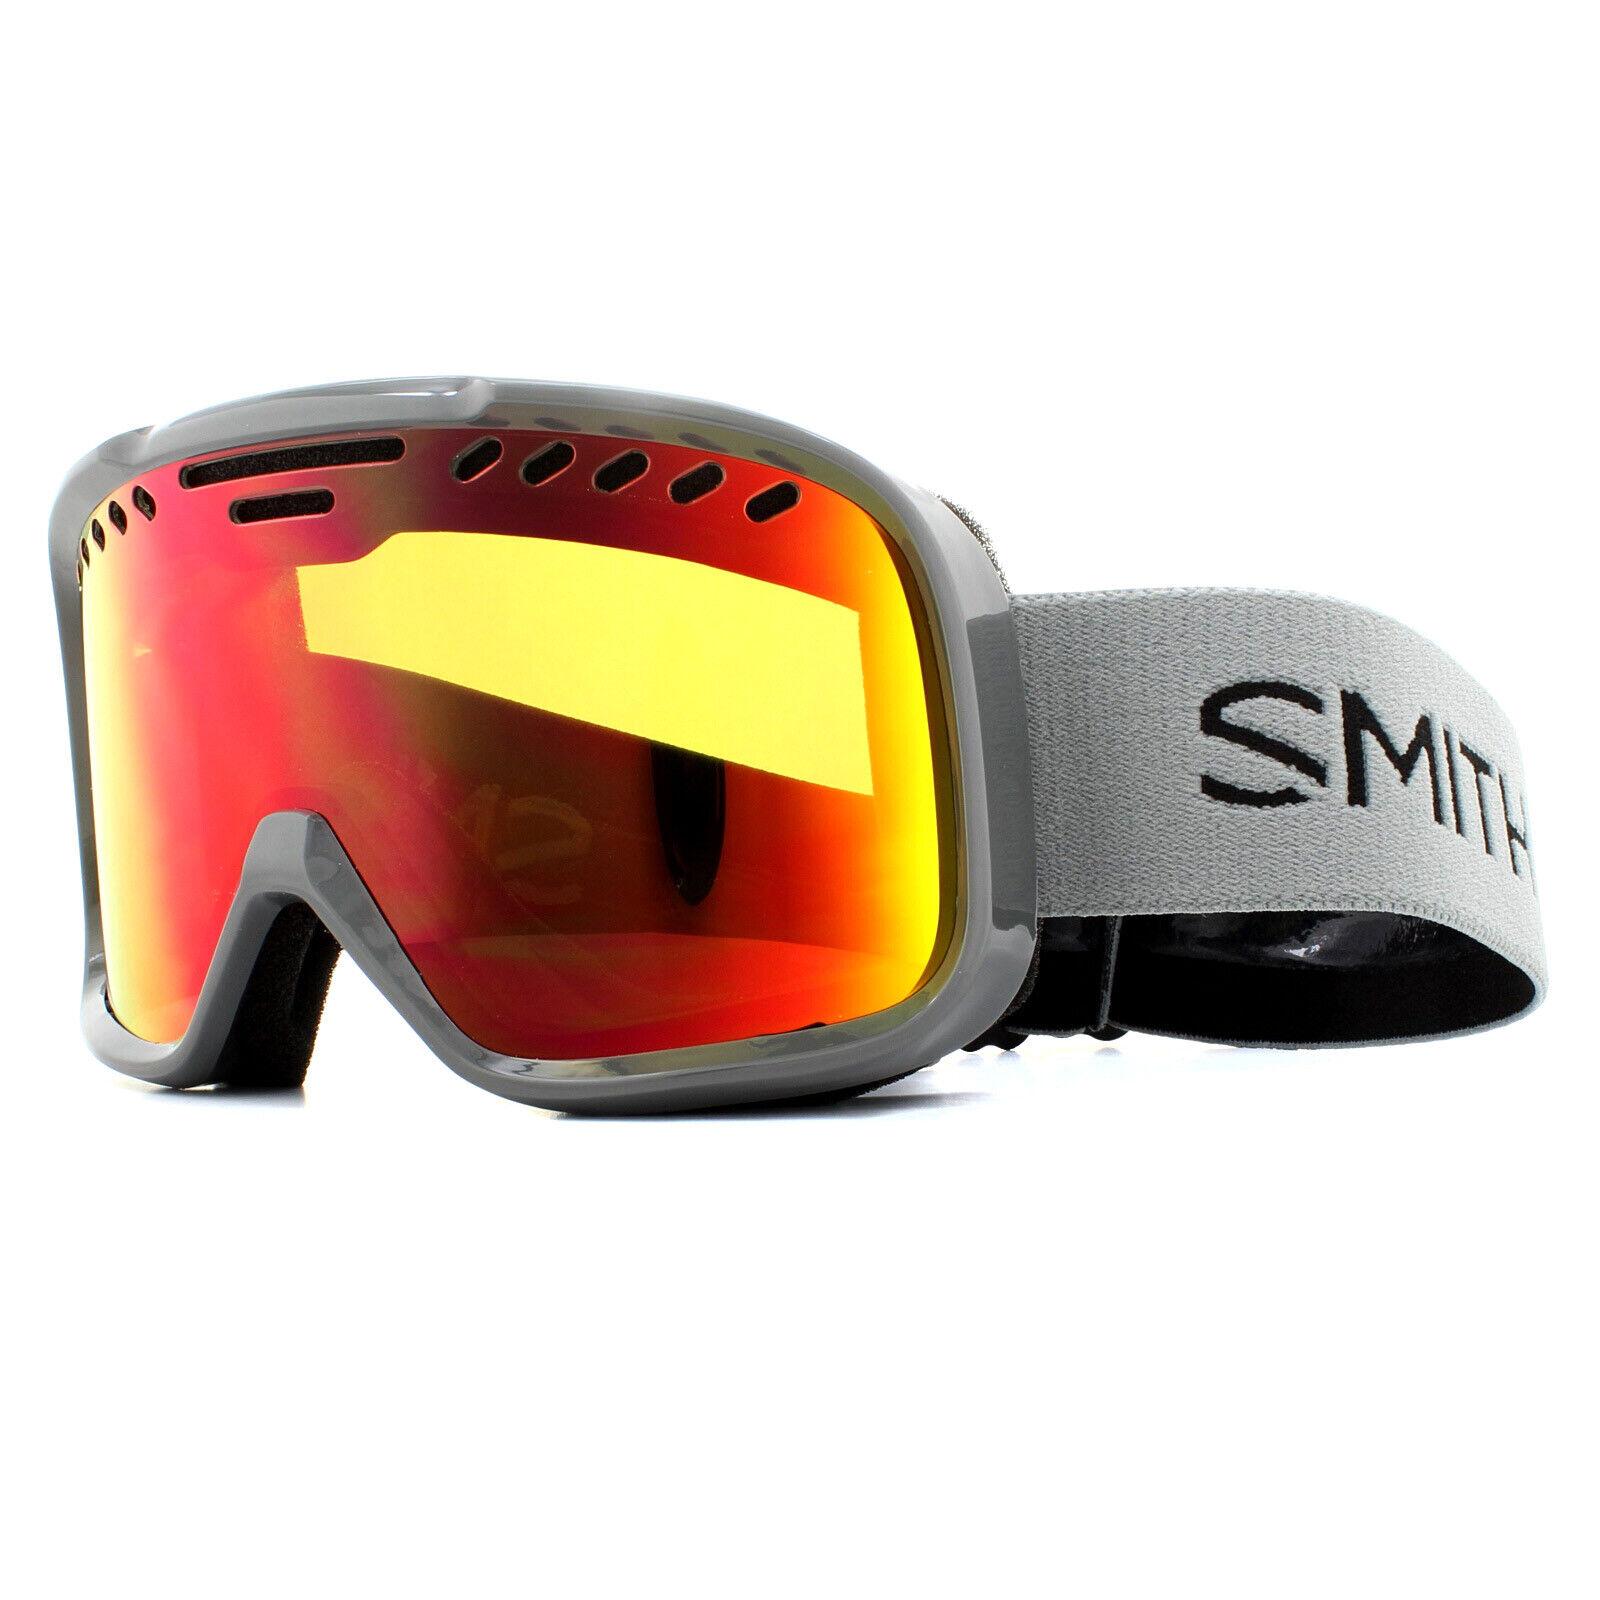 Smith Skibrille Projekt M00682ZX299C1 Dunkelgrau Rot Sol-X Spiegel